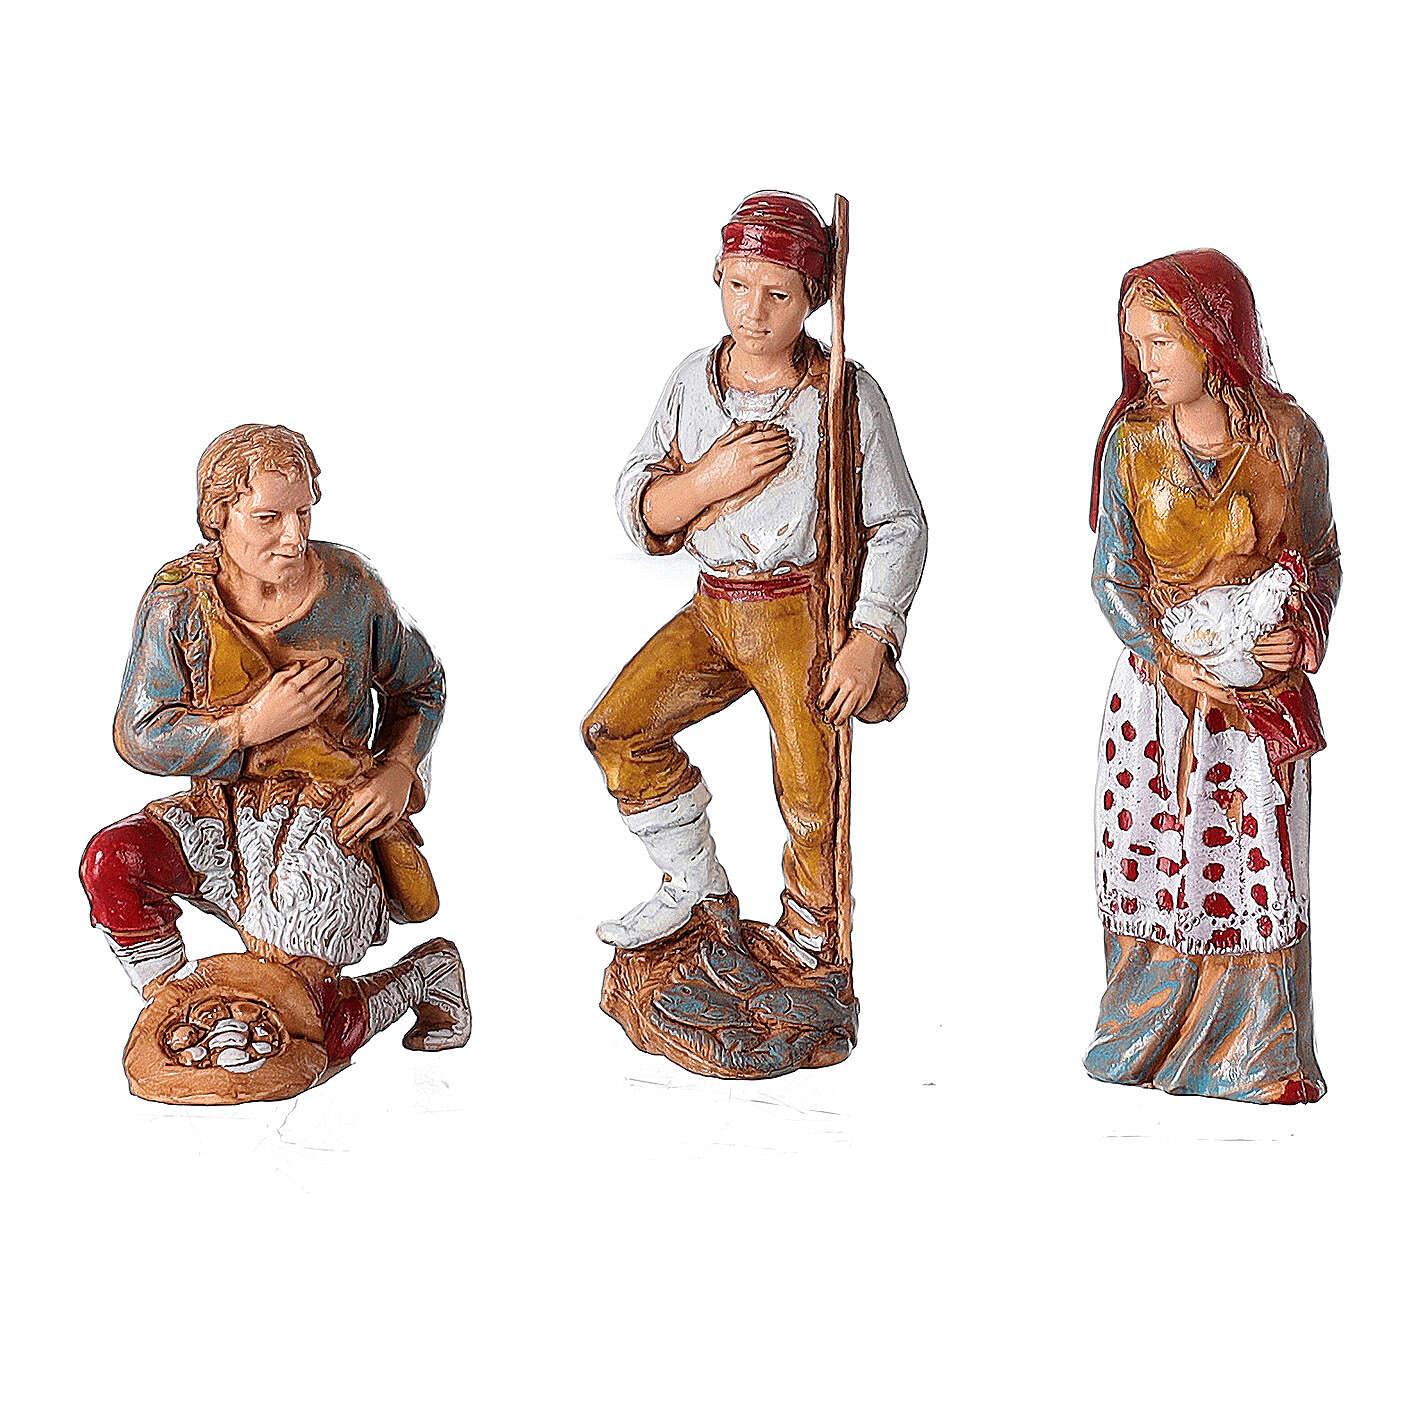 Borgo presepe illuminato terrazzo 40x50x40 statue 8 cm Moranduzzo 4